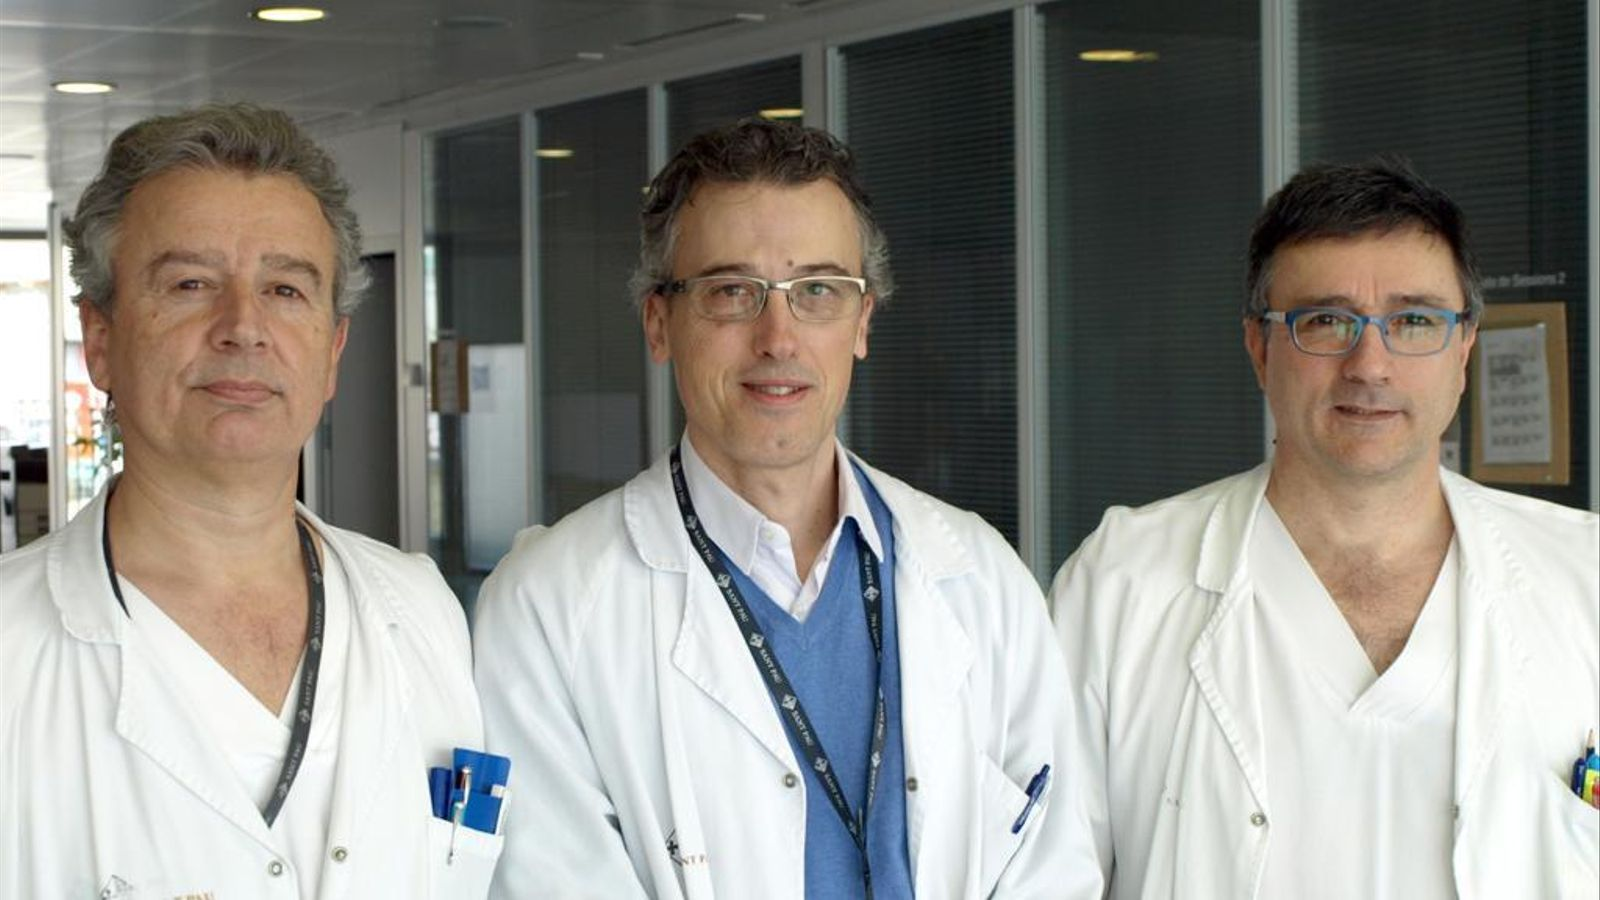 Els impulors de l'associació Activa'tt per la salut: José Román Escudero, Jose Manuel Soria y Joan Carles Souto (d'esquerra a dreta)